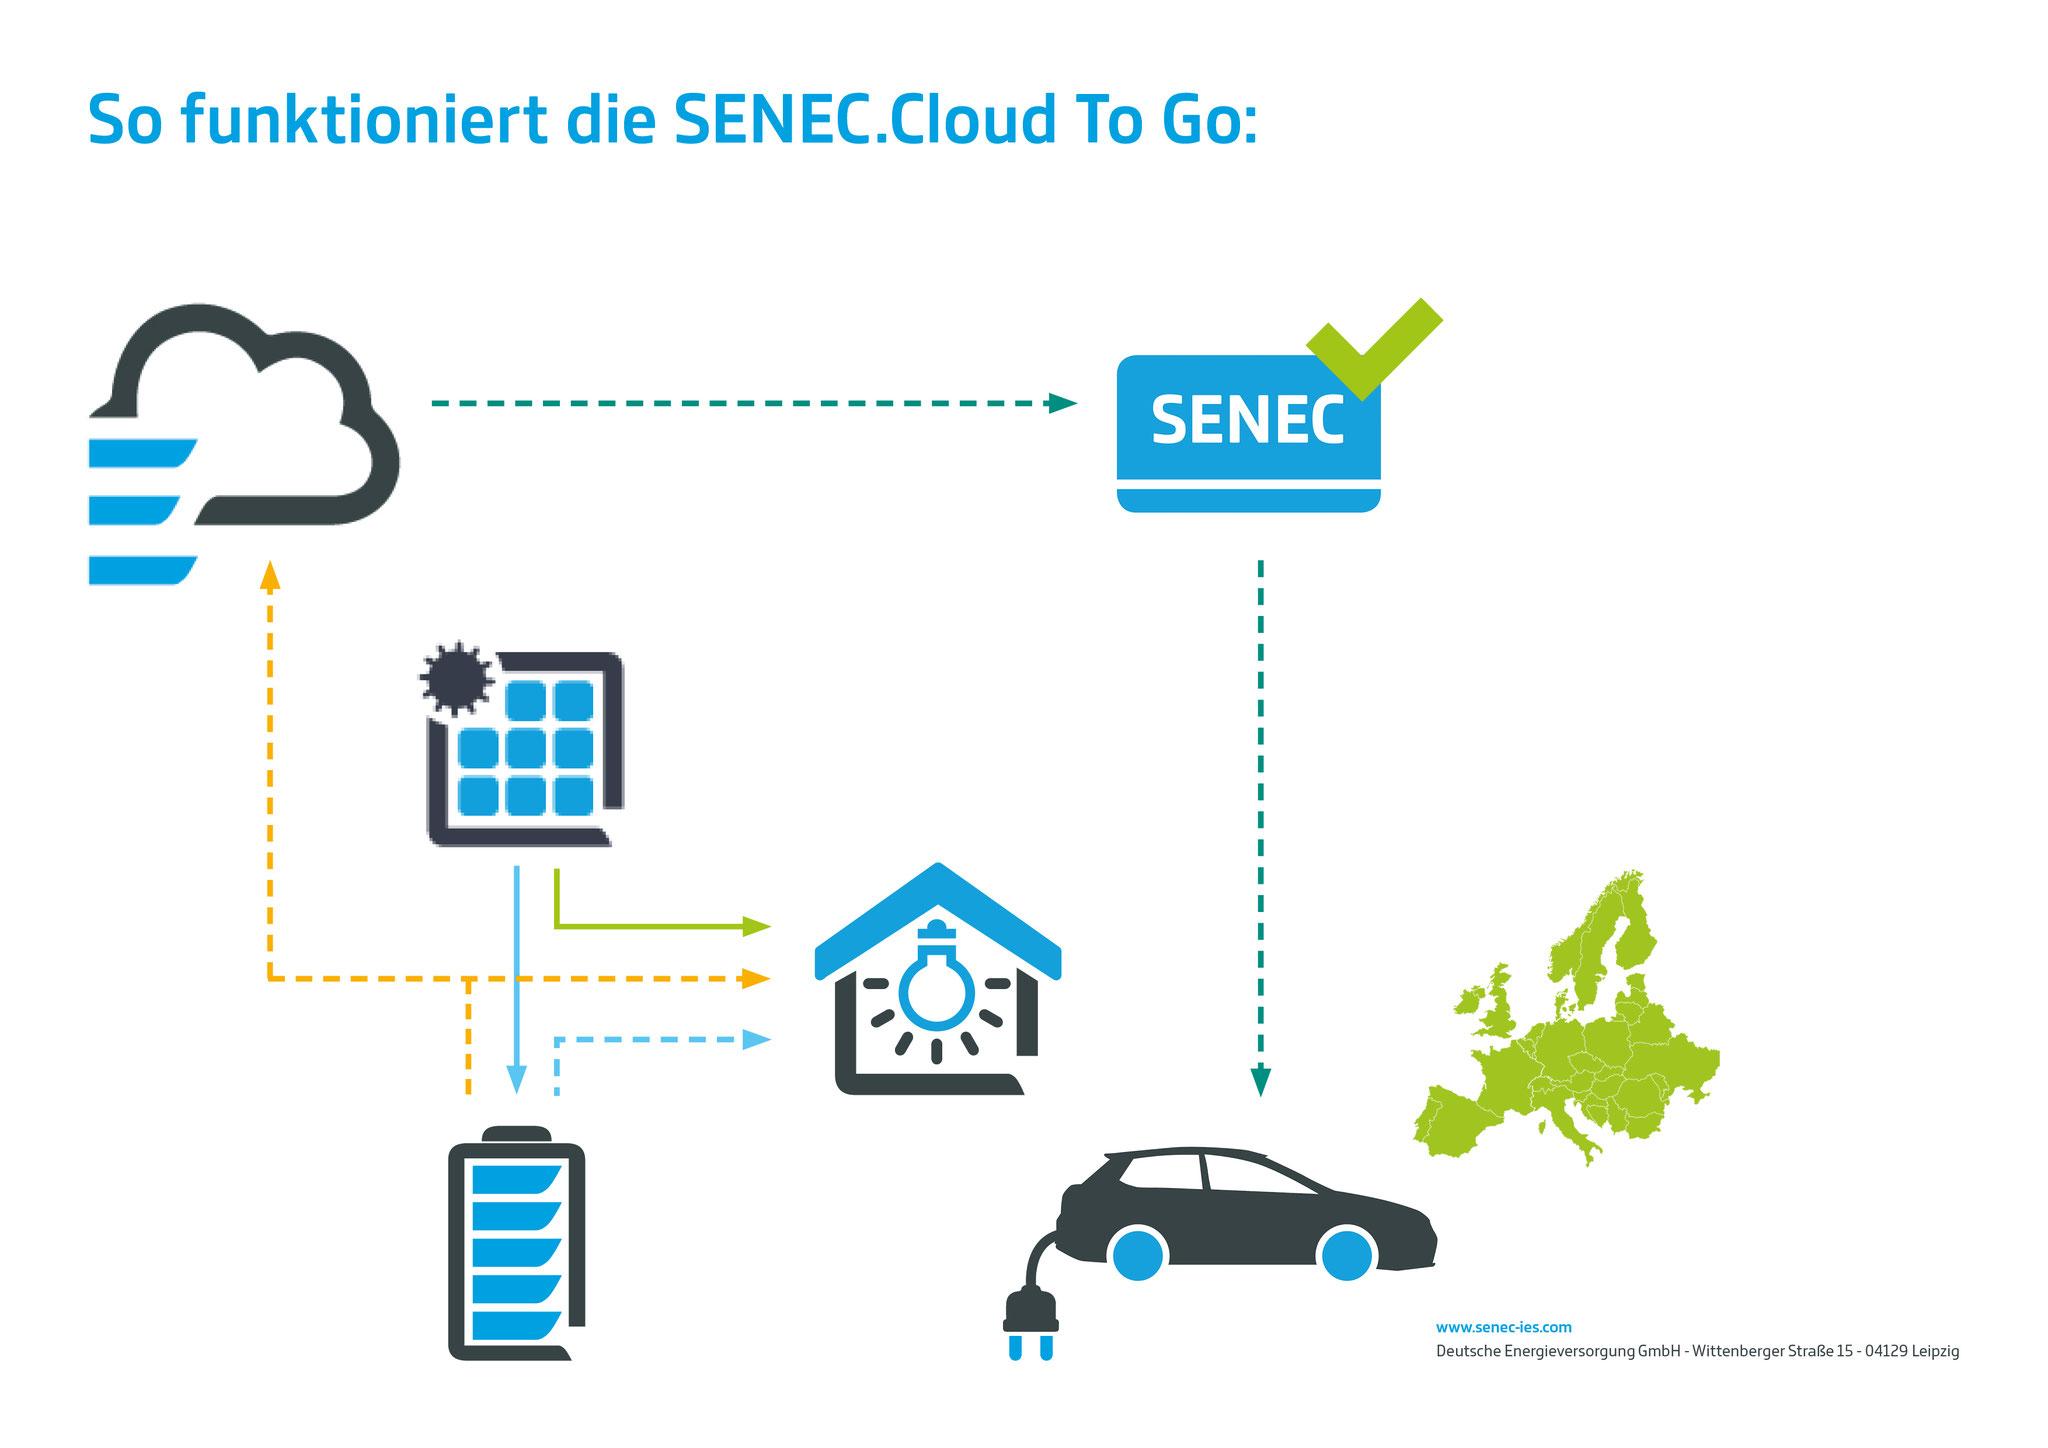 Die Senec Cloud 2.0